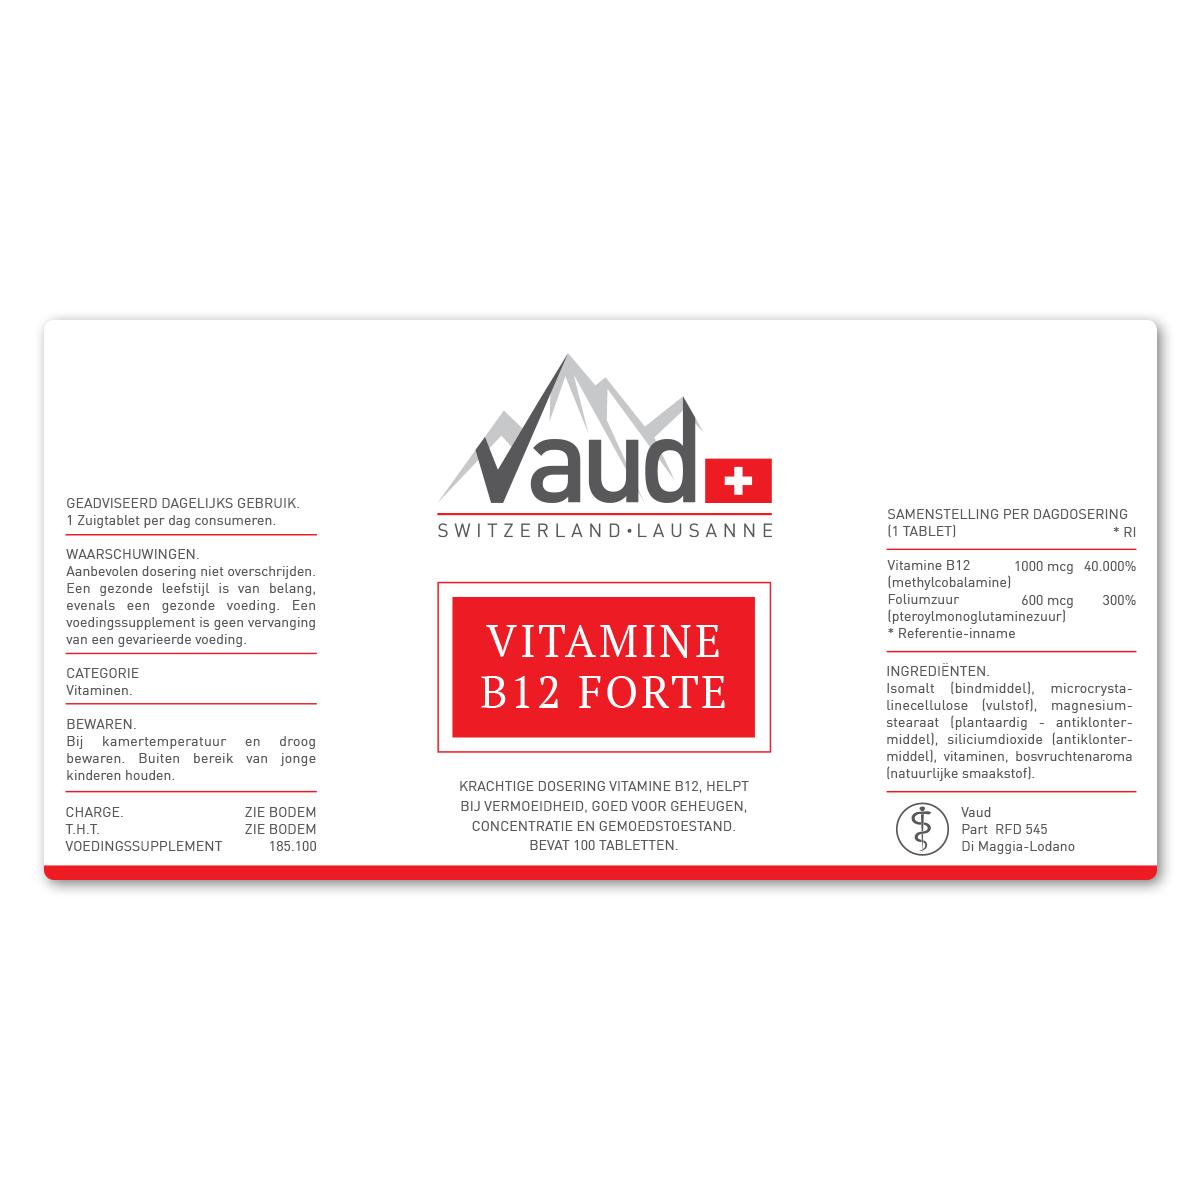 Vitamine b12 forte ondersteuning